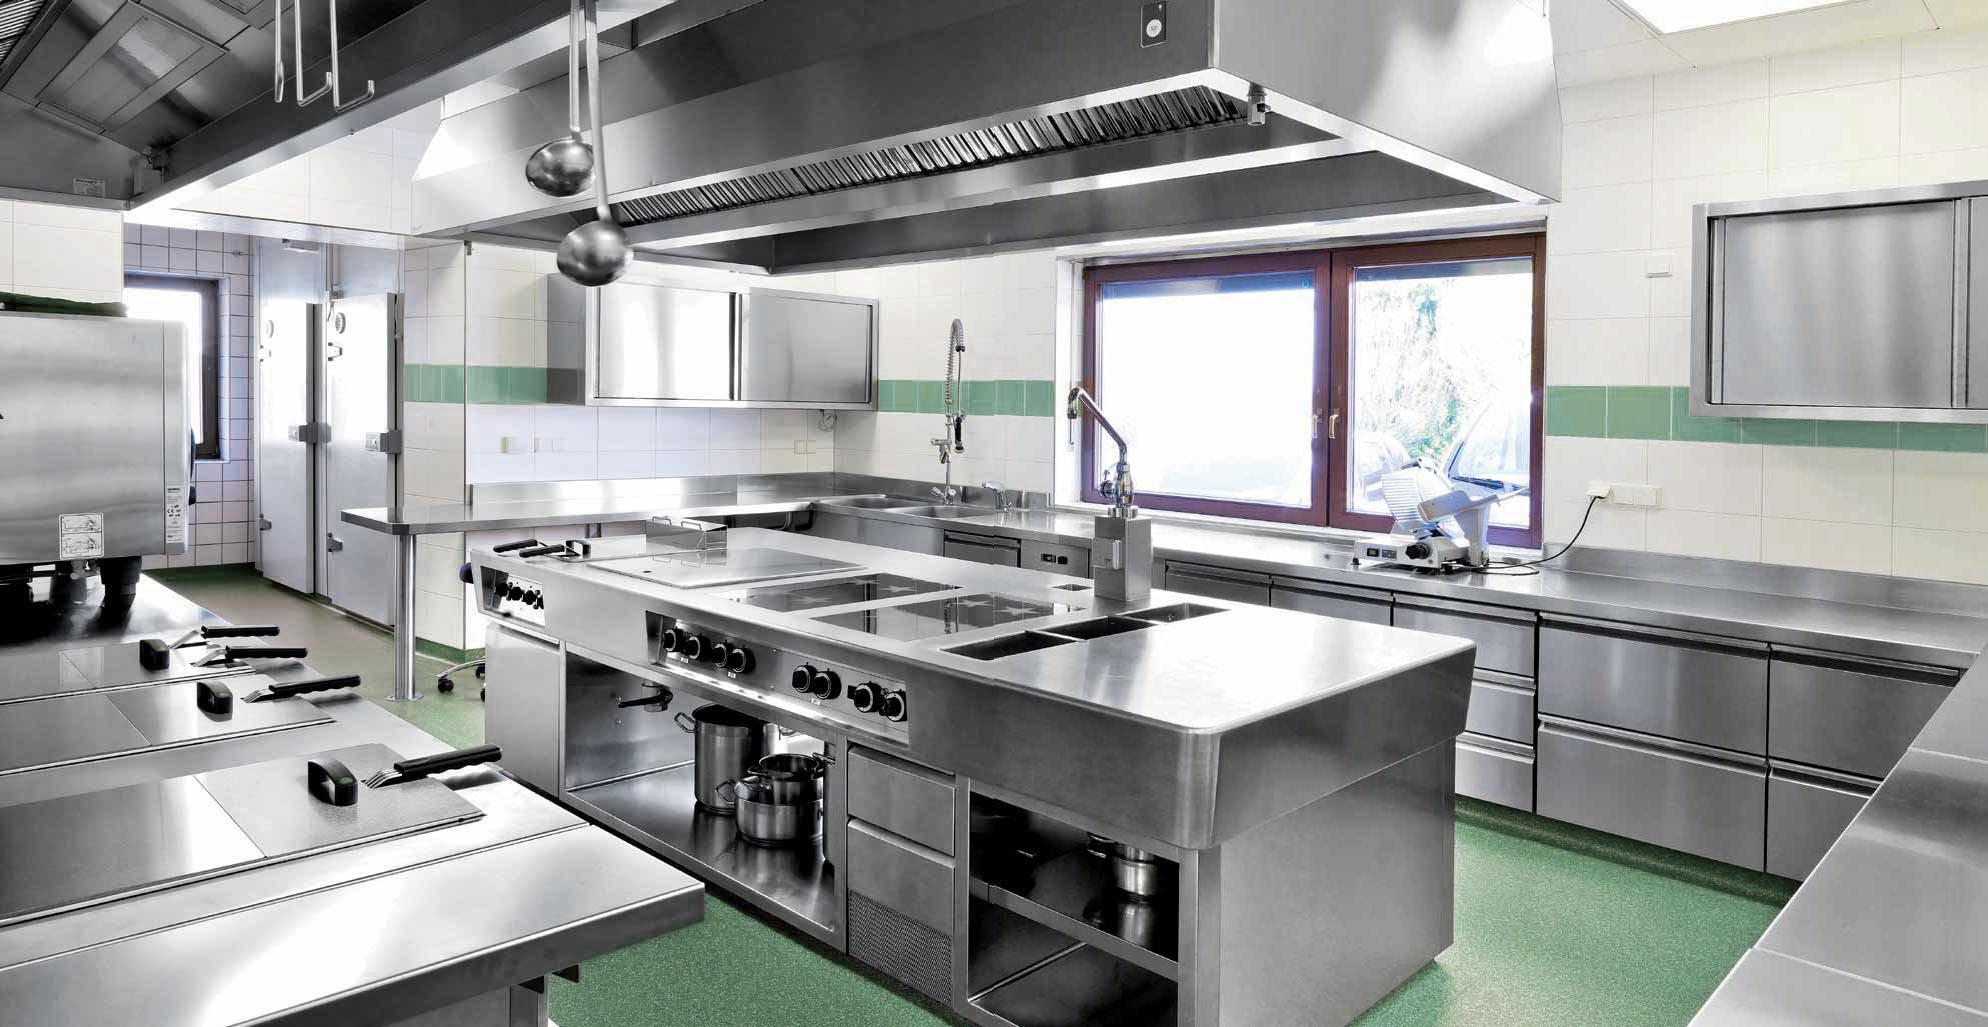 Tamai srl attrezzature alberghiere ristorazione for Arredamento ristorazione